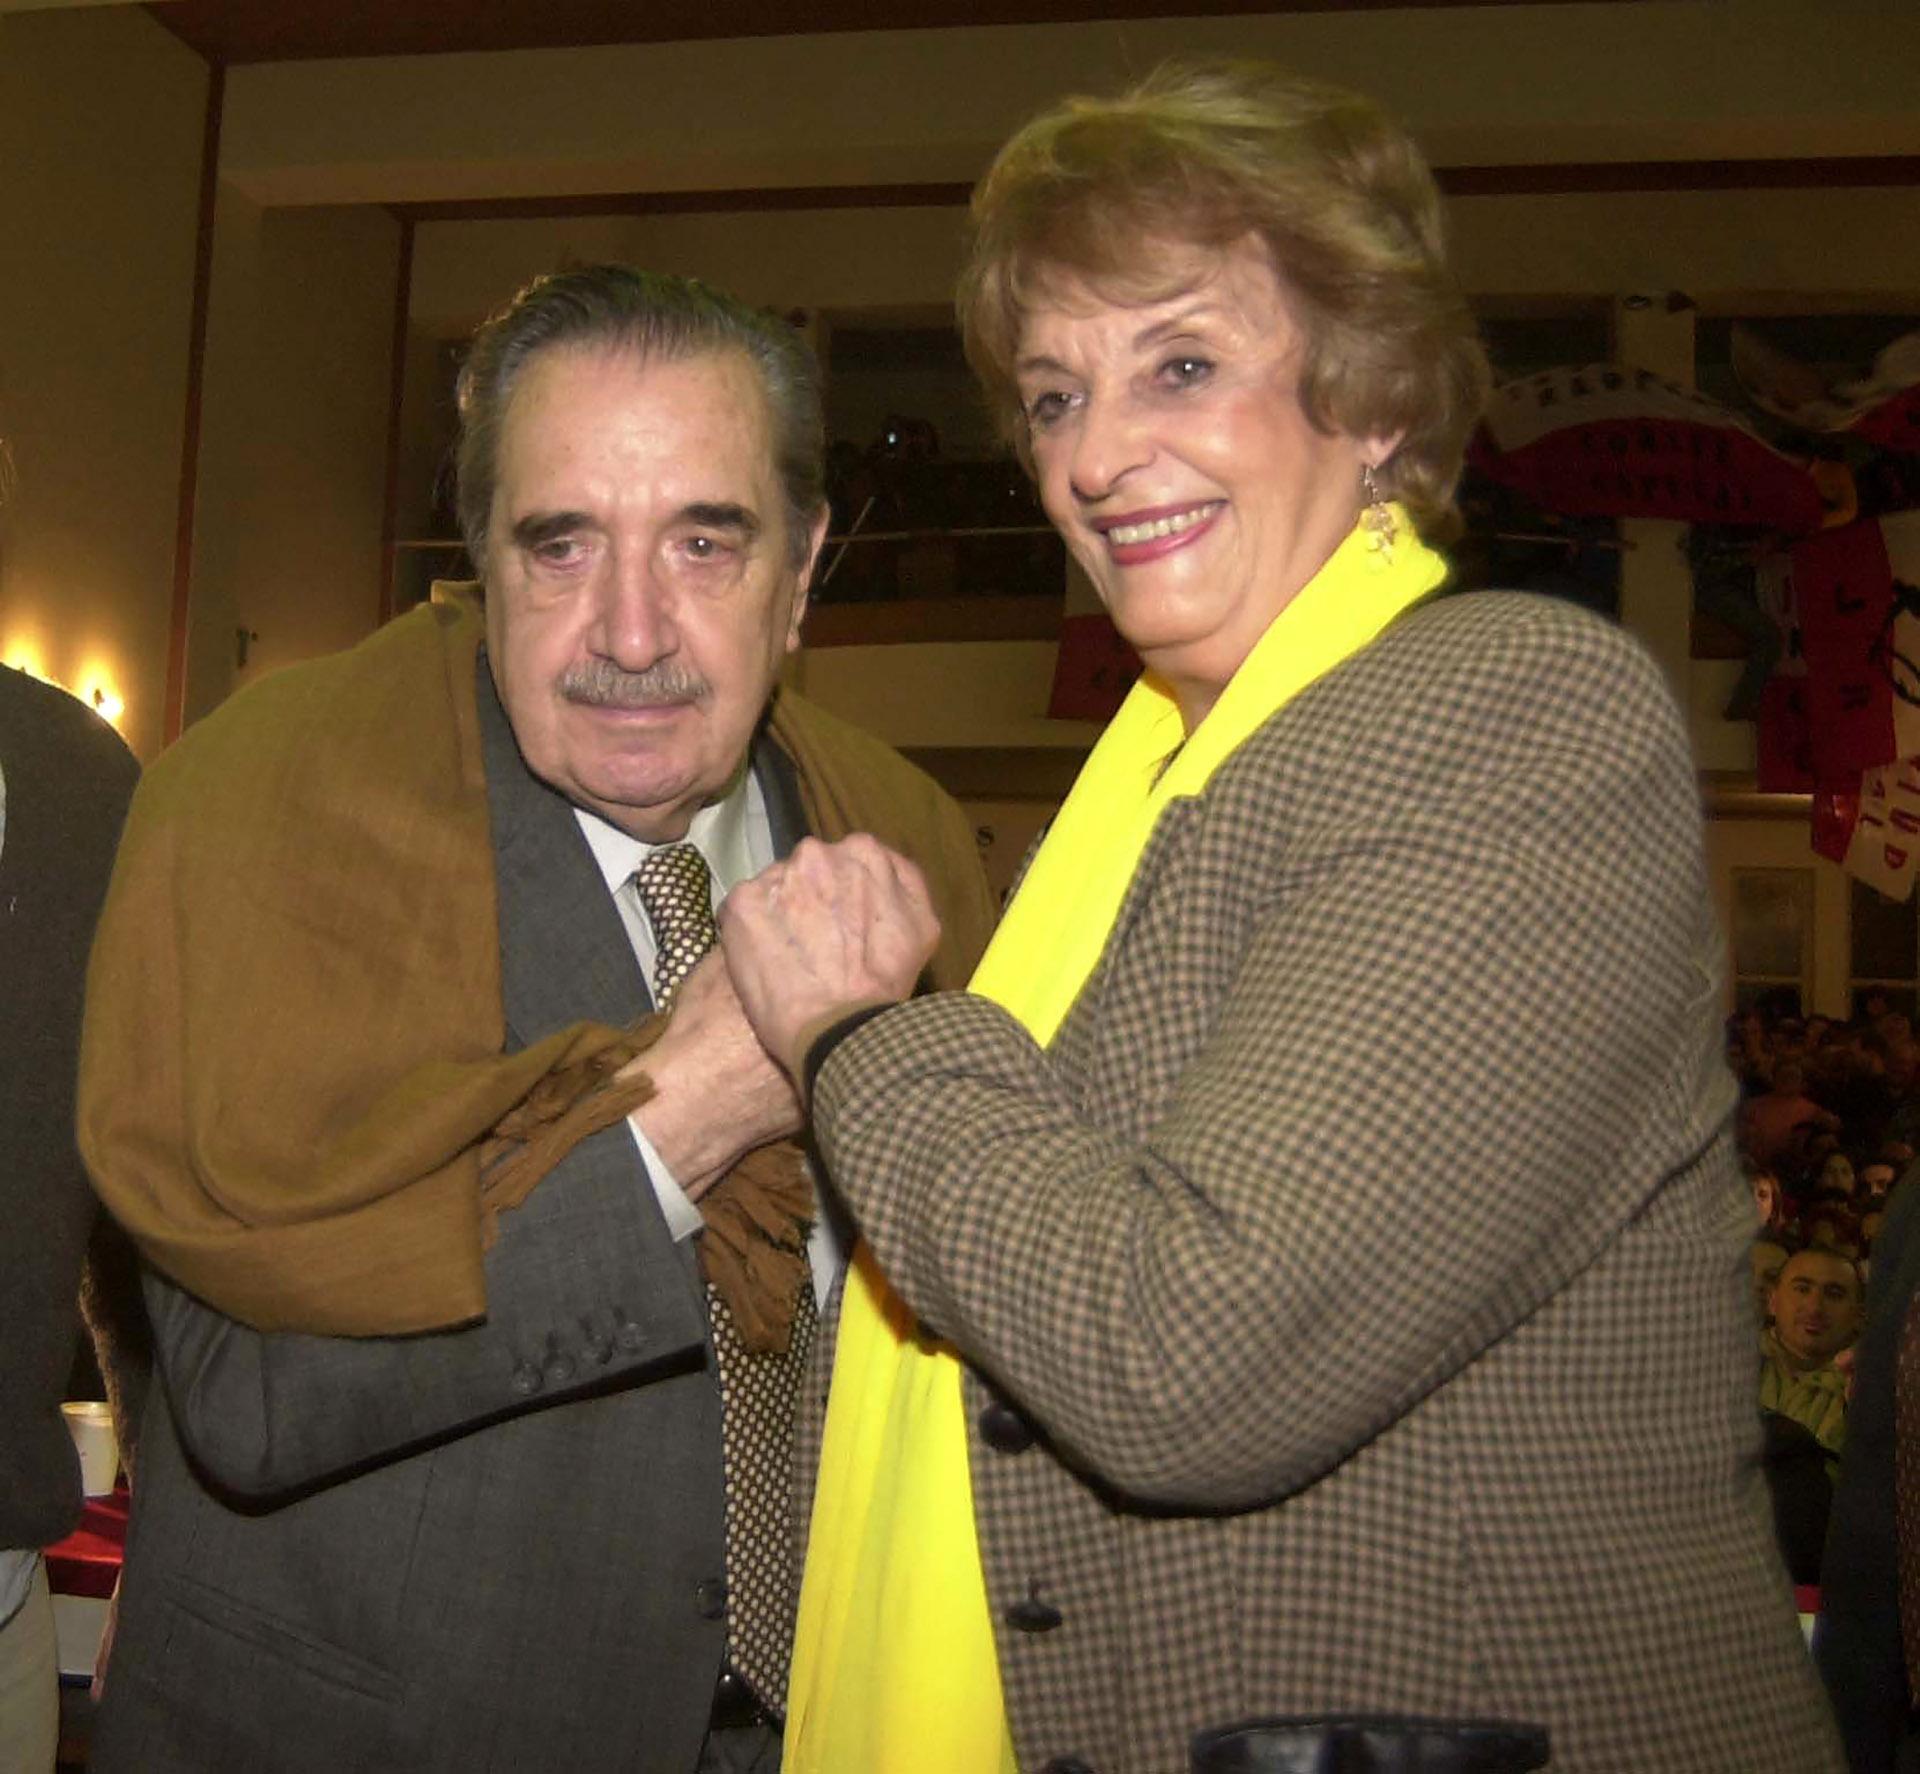 El ex mandatariosaluda a Graciela Fernandez Meijide durante el acto que para recordar los 20 años del informe de la CONADEP